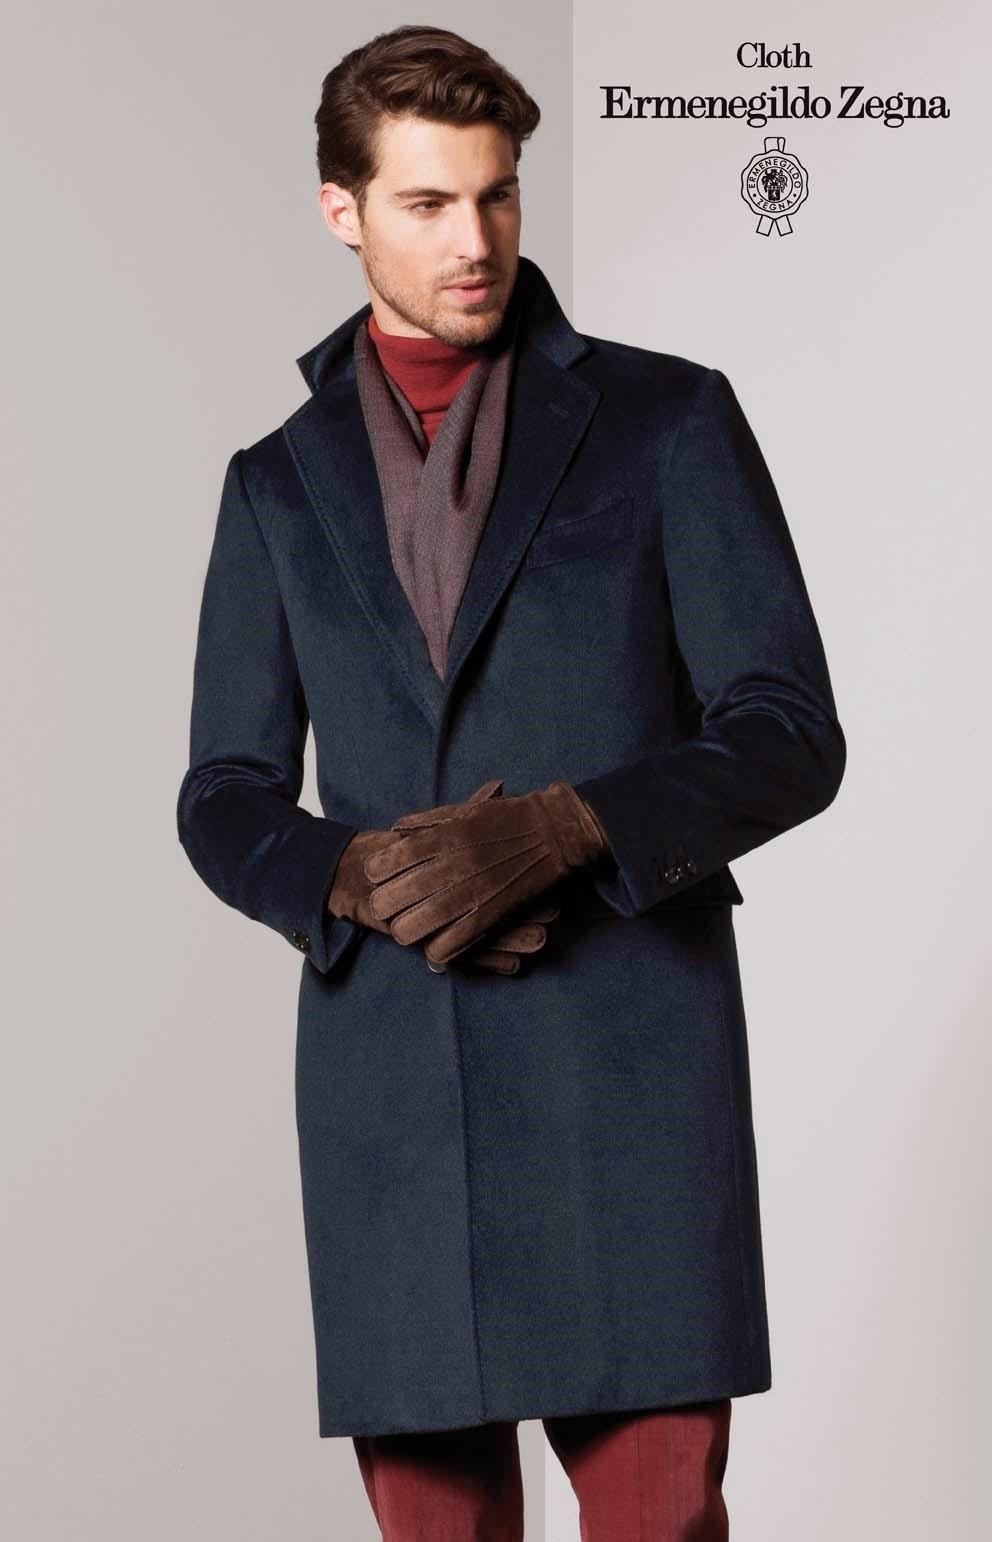 Beau Costume Homme tout votre plus beau costume sur mesure italien par tailleur homme